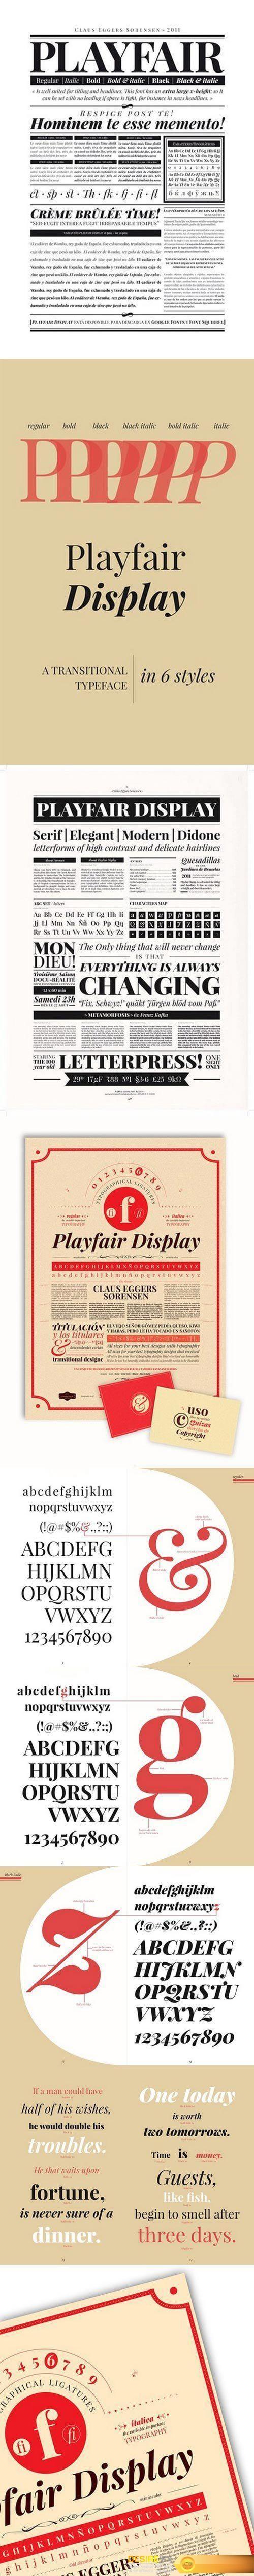 Playfair Display http://www.desirefx.me/playfair-display/